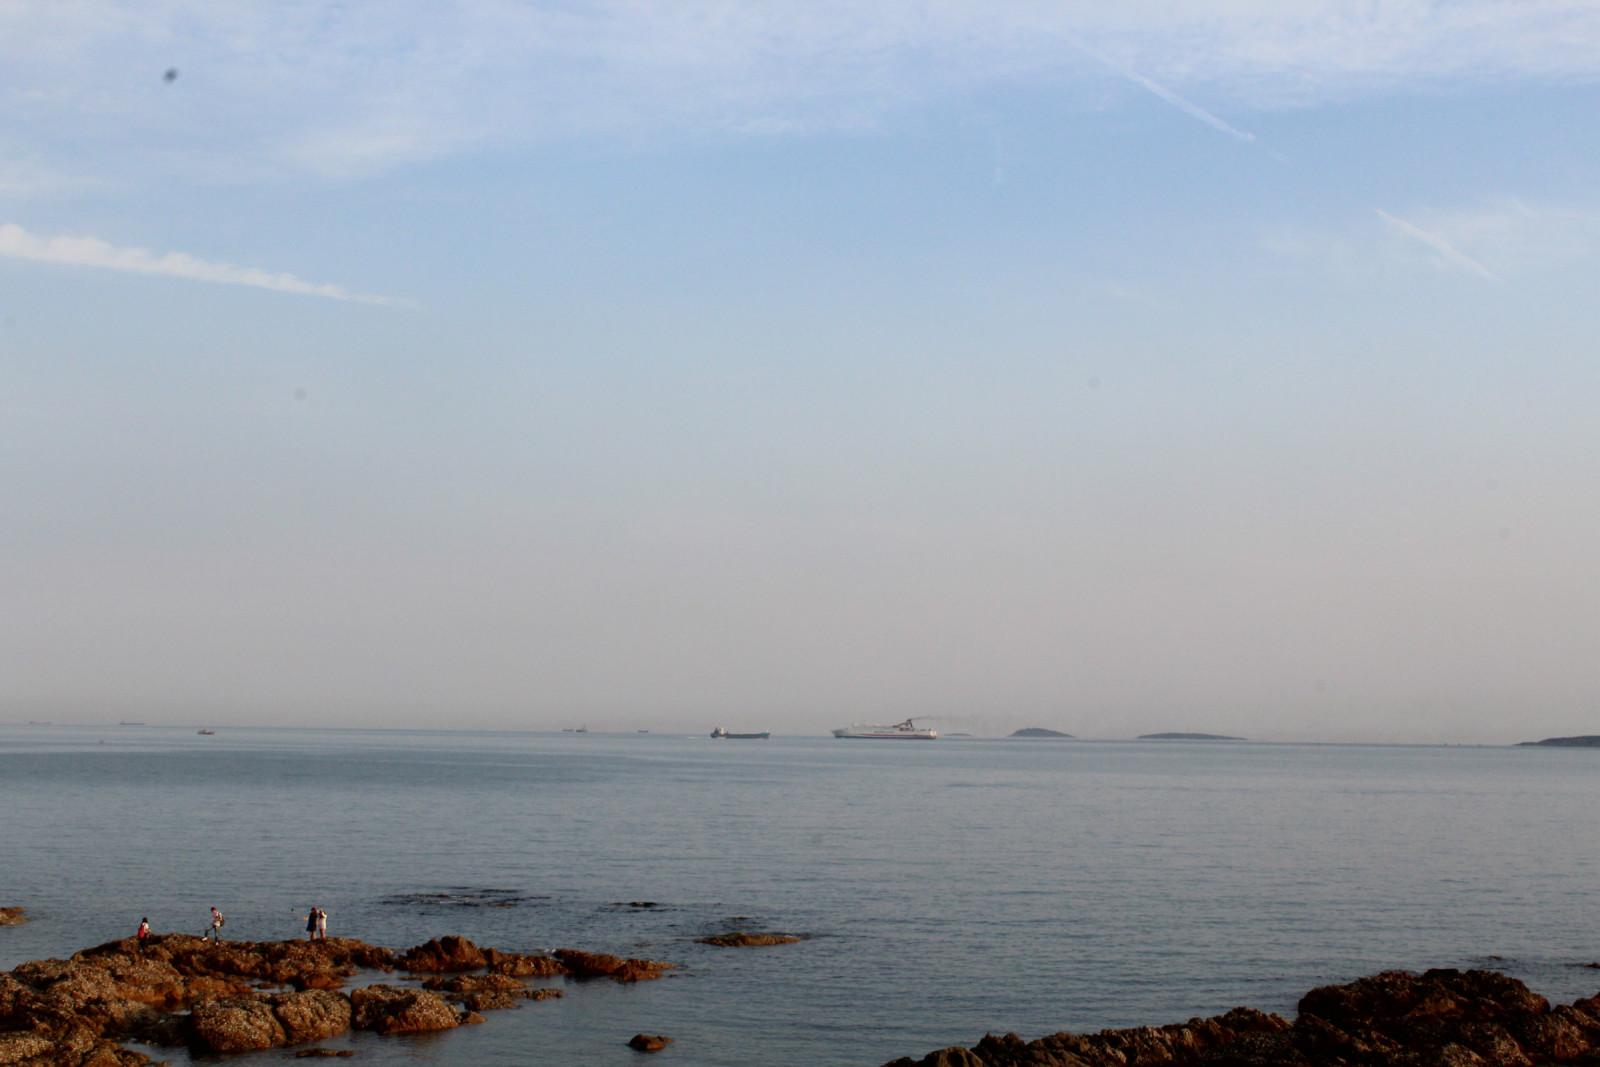 秀美的小青岛与碧蓝的大海交相辉映岛城&quot红瓦绿树碧海蓝天&quot的山光